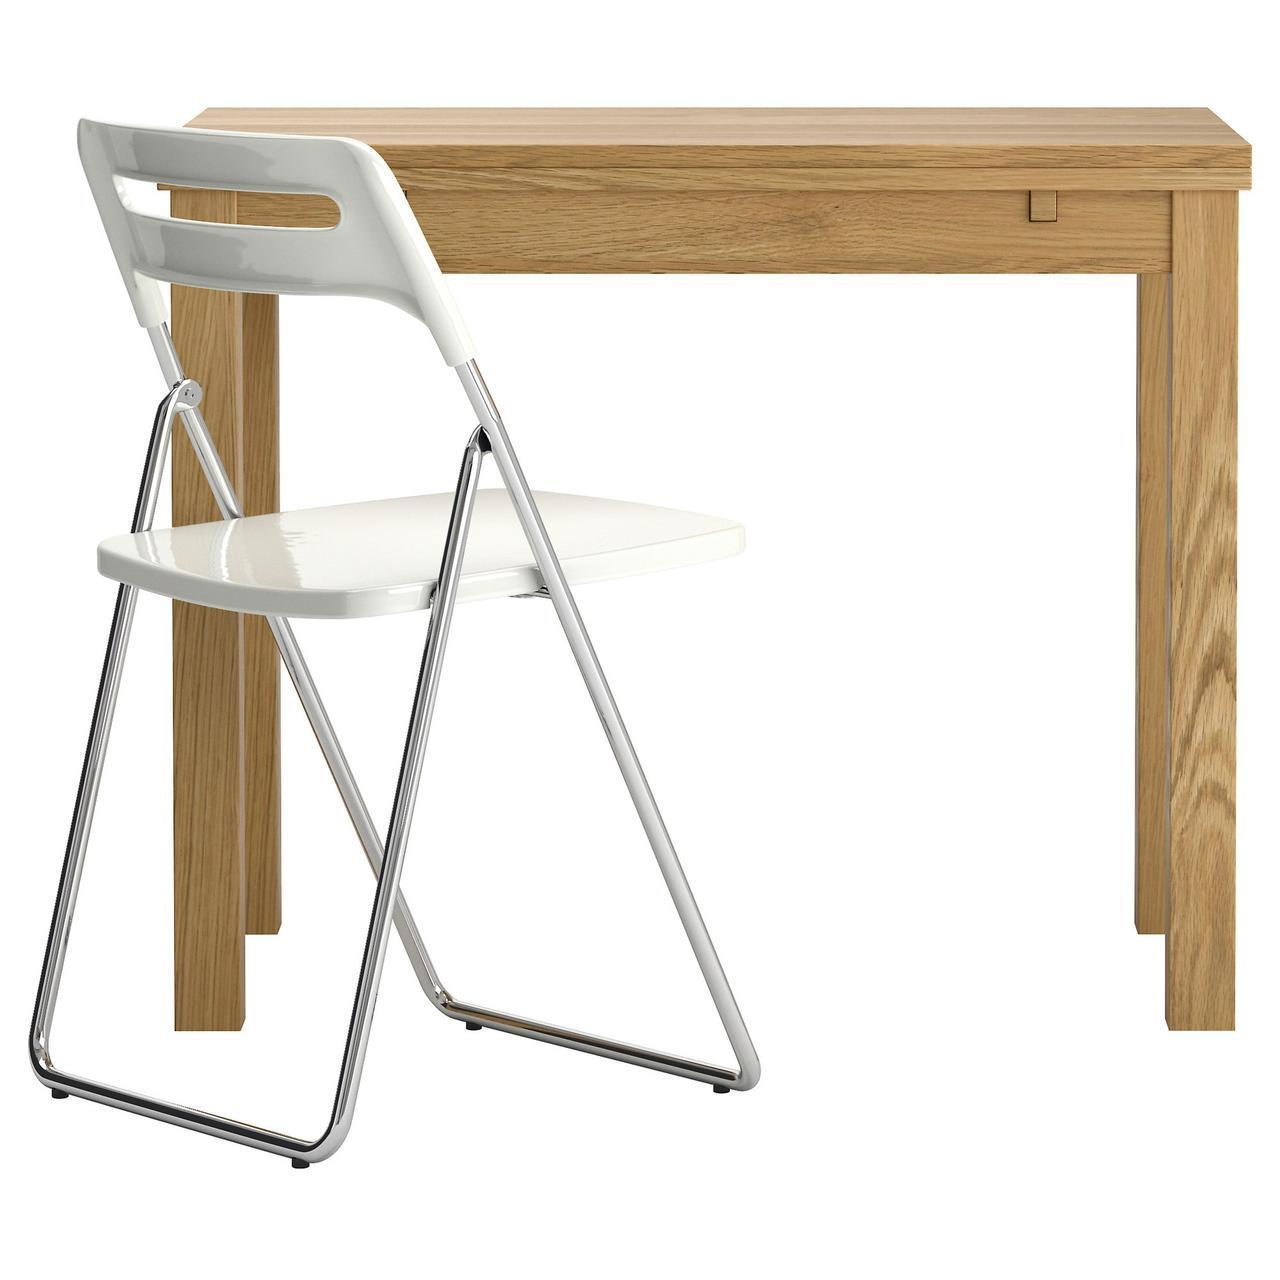 IKEA BJURSTA/NISSE Стол и 1 стул, дубовый шпон, белый  (298.855.80)